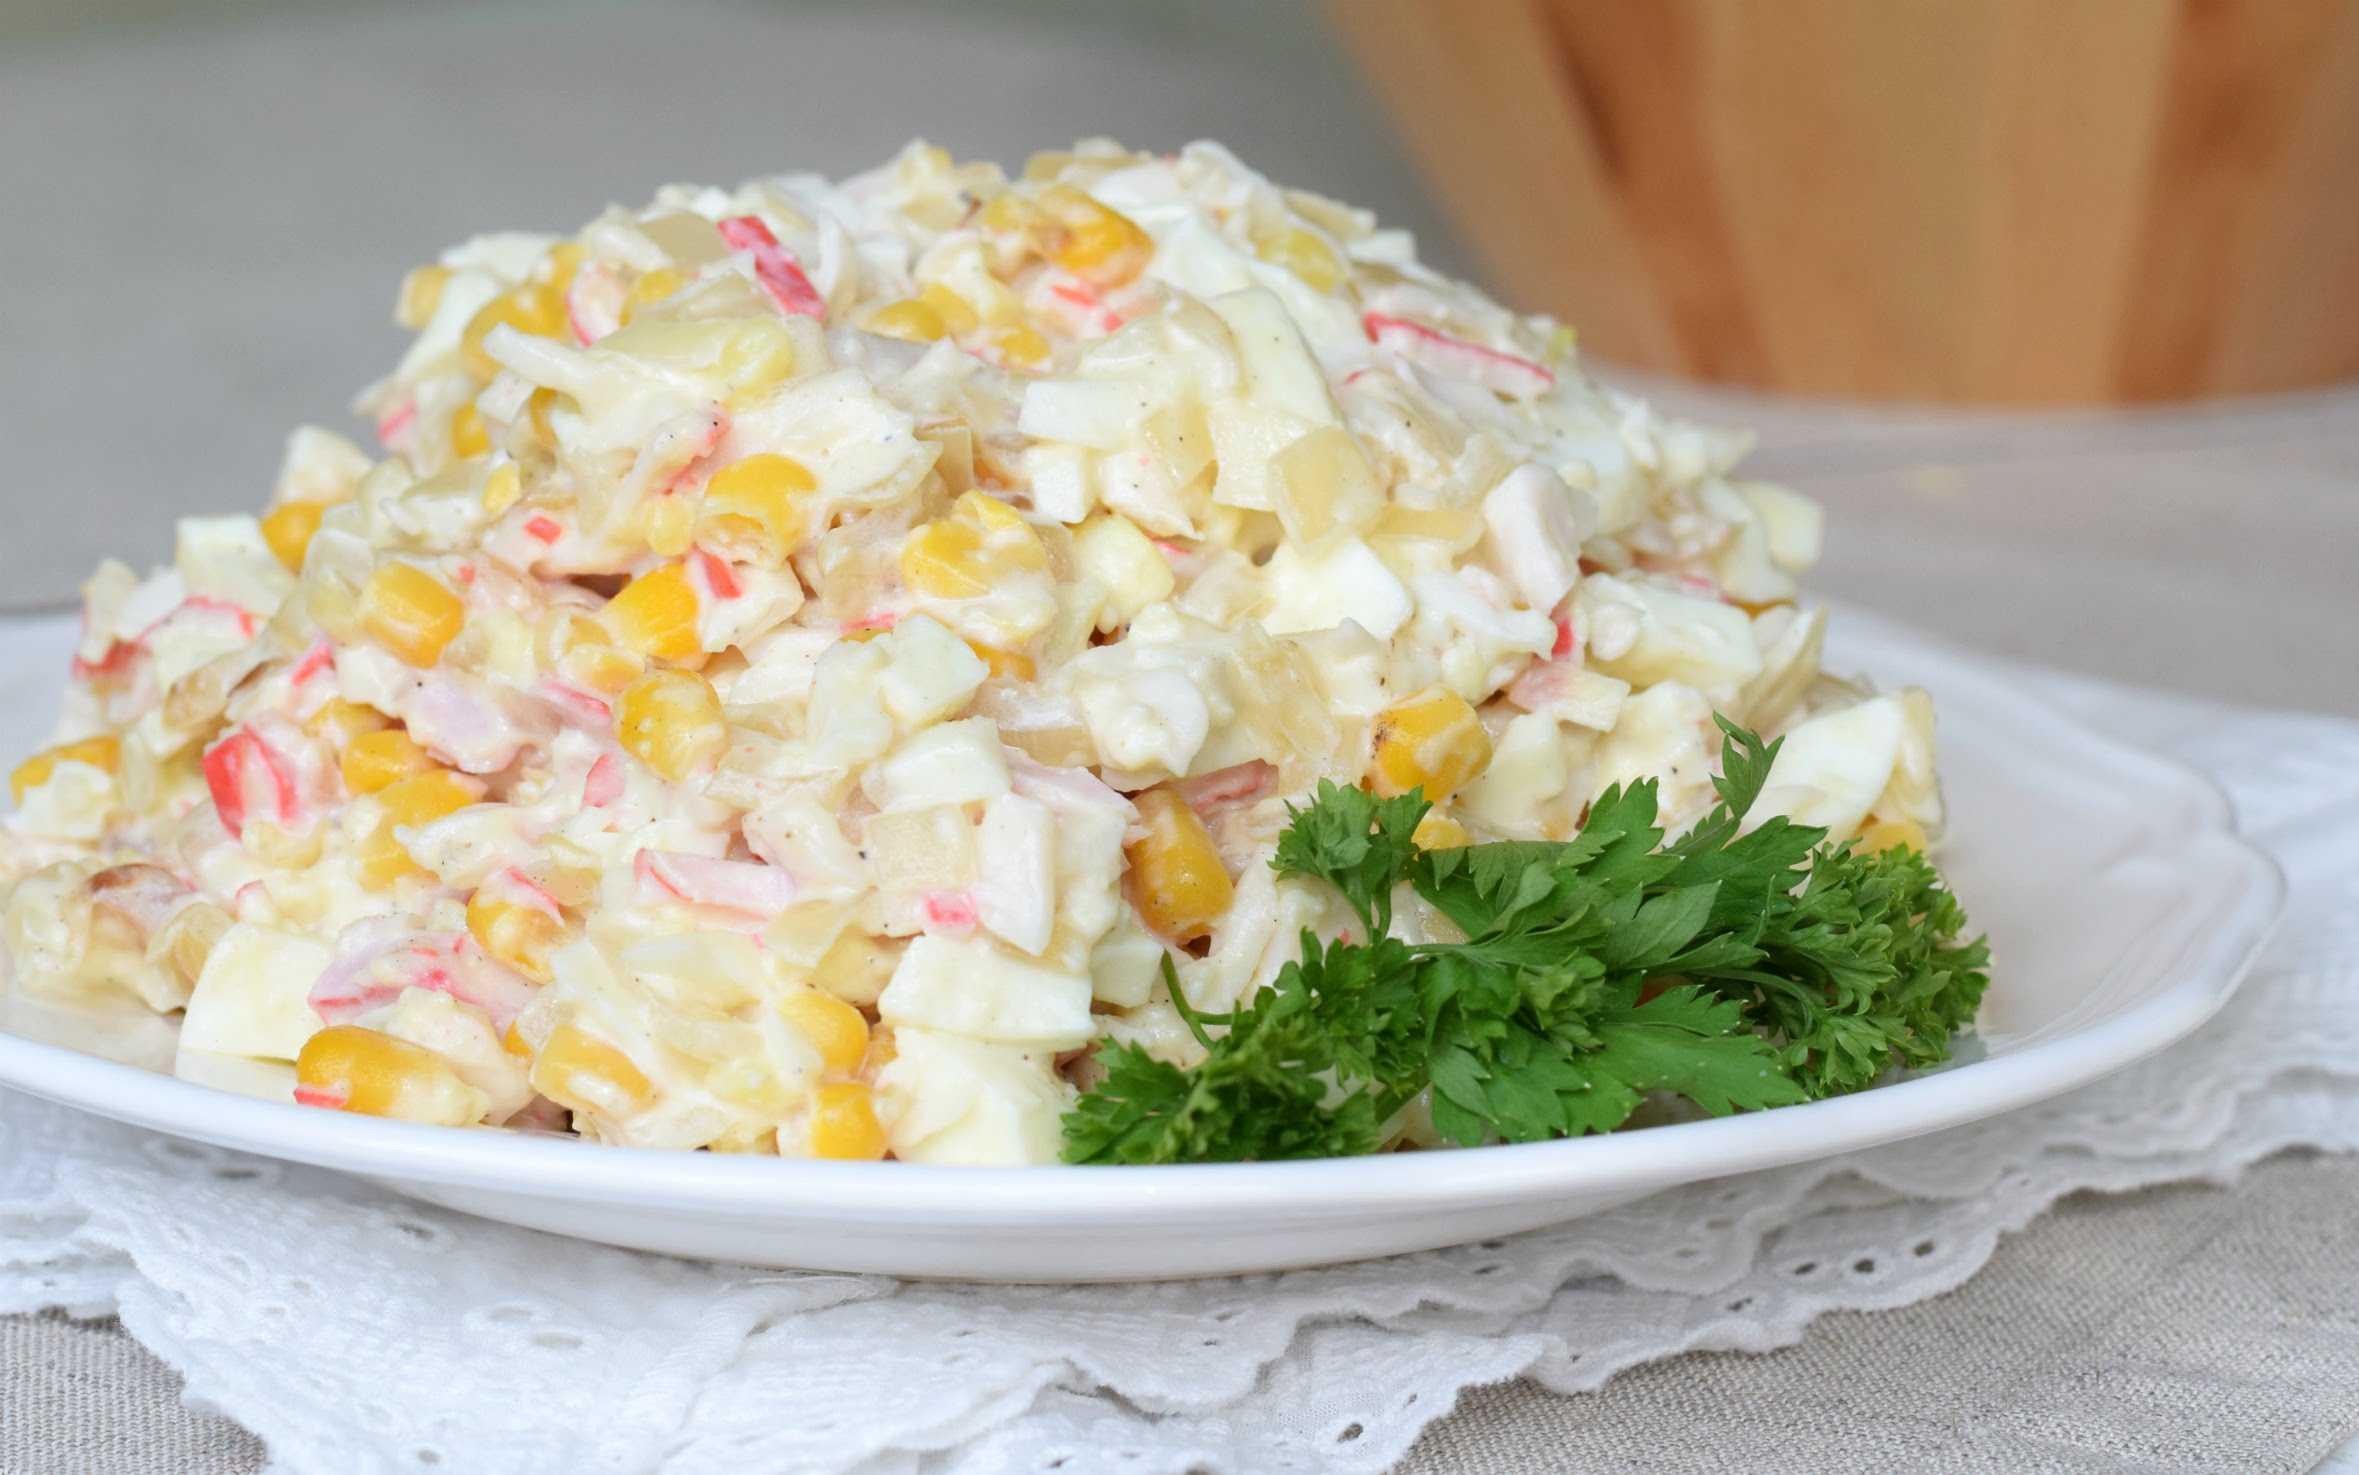 Как приготовить салат рис, крабовые палочки, кукуруза, огурец: поиск по ингредиентам, советы, отзывы, пошаговые фото, подсчет калорий, изменение порций, похожие рецепты